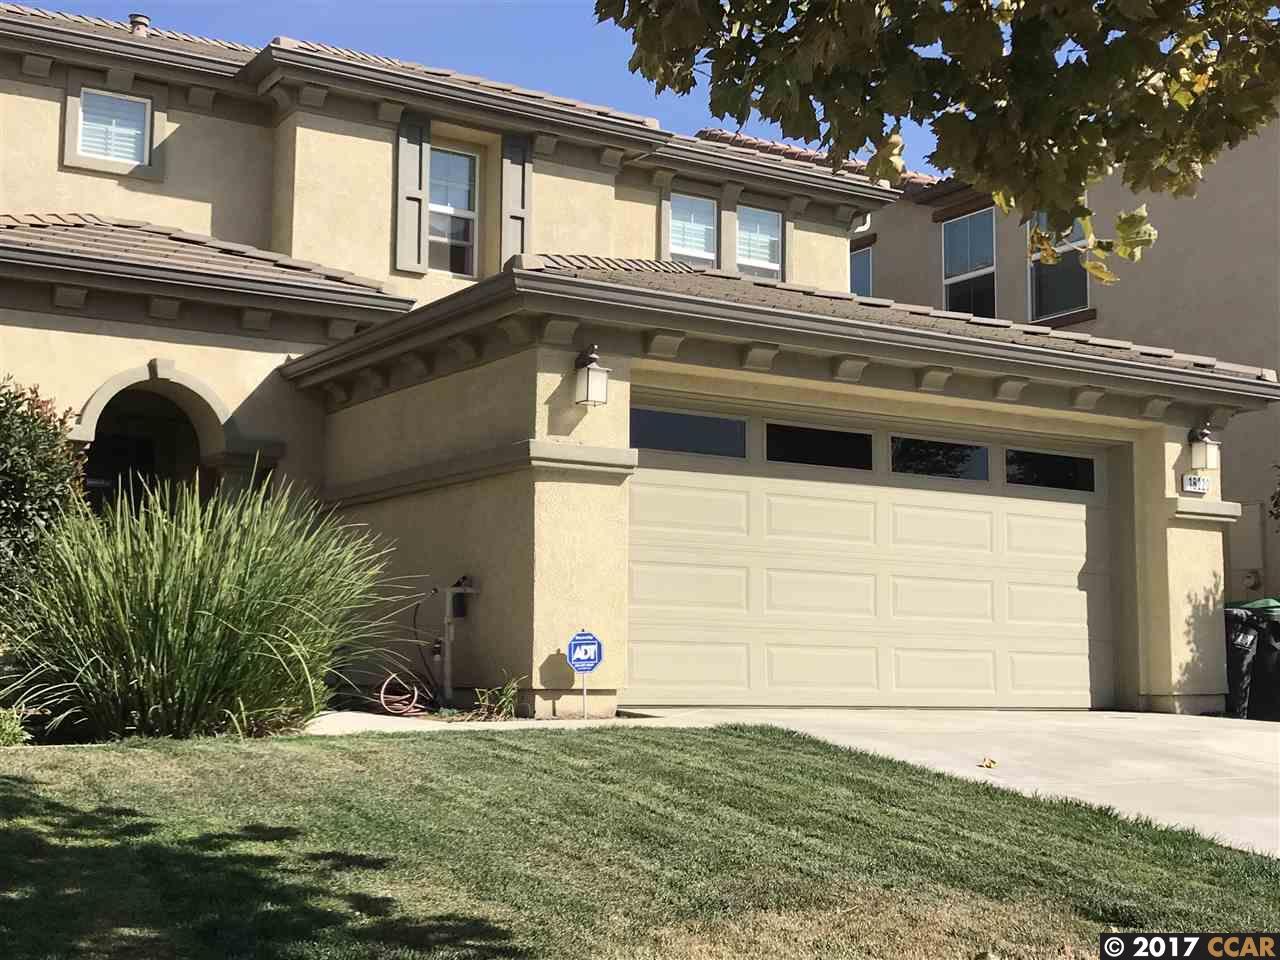 獨棟家庭住宅 為 出售 在 18220 Schumard Oak Road 18220 Schumard Oak Road Lathrop, 加利福尼亞州 95330 美國